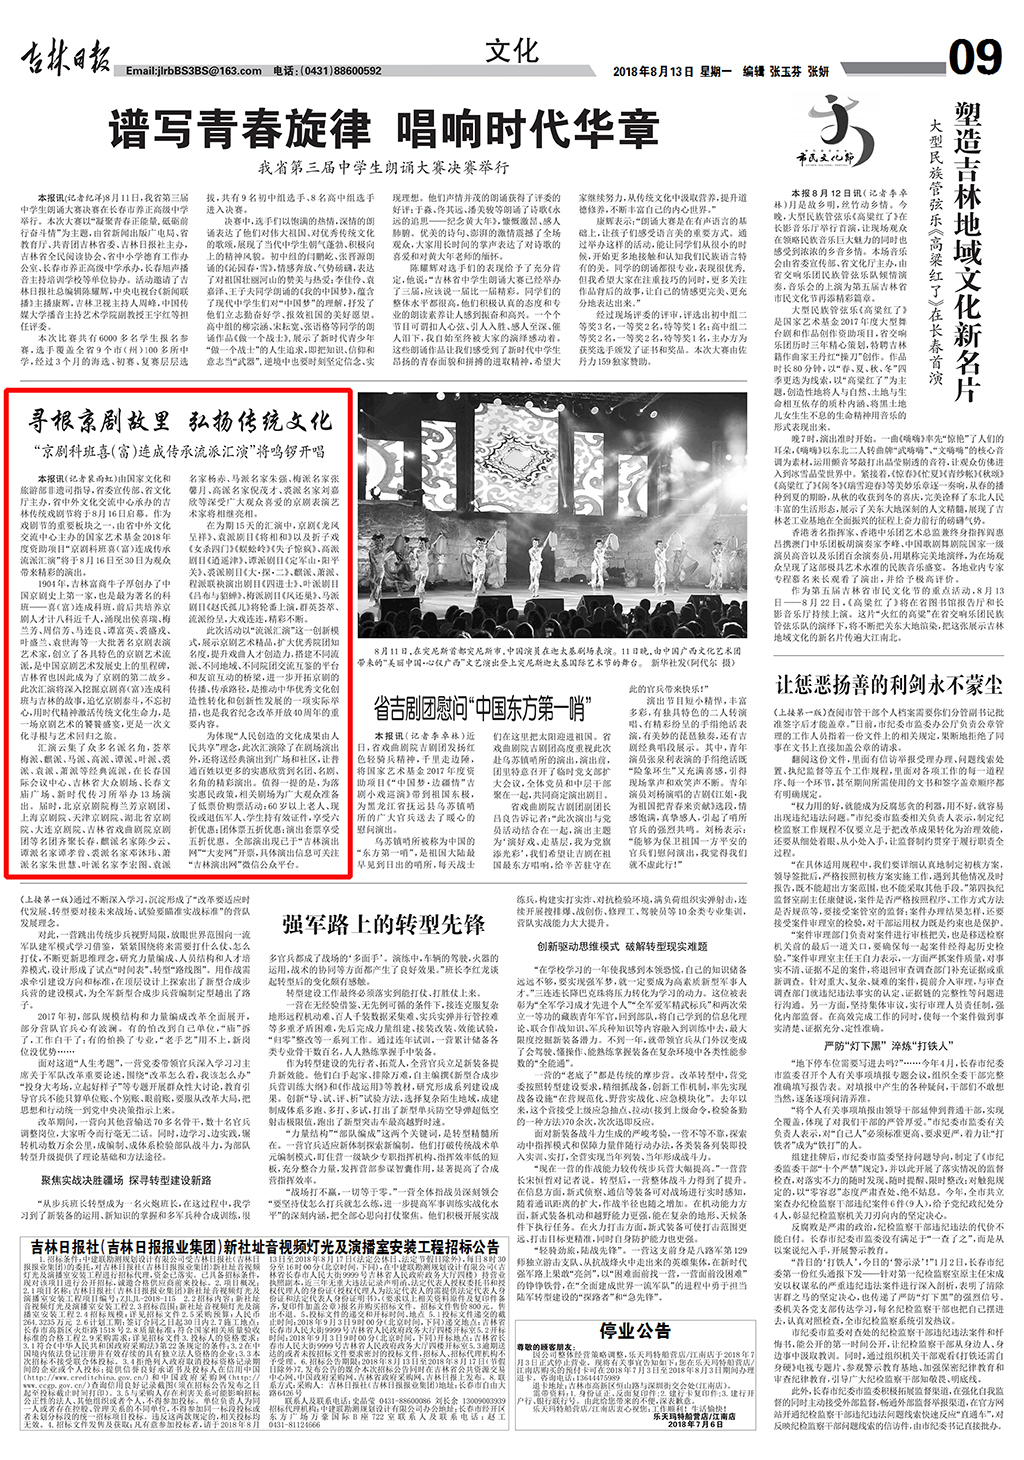 吉林日报8.13_00